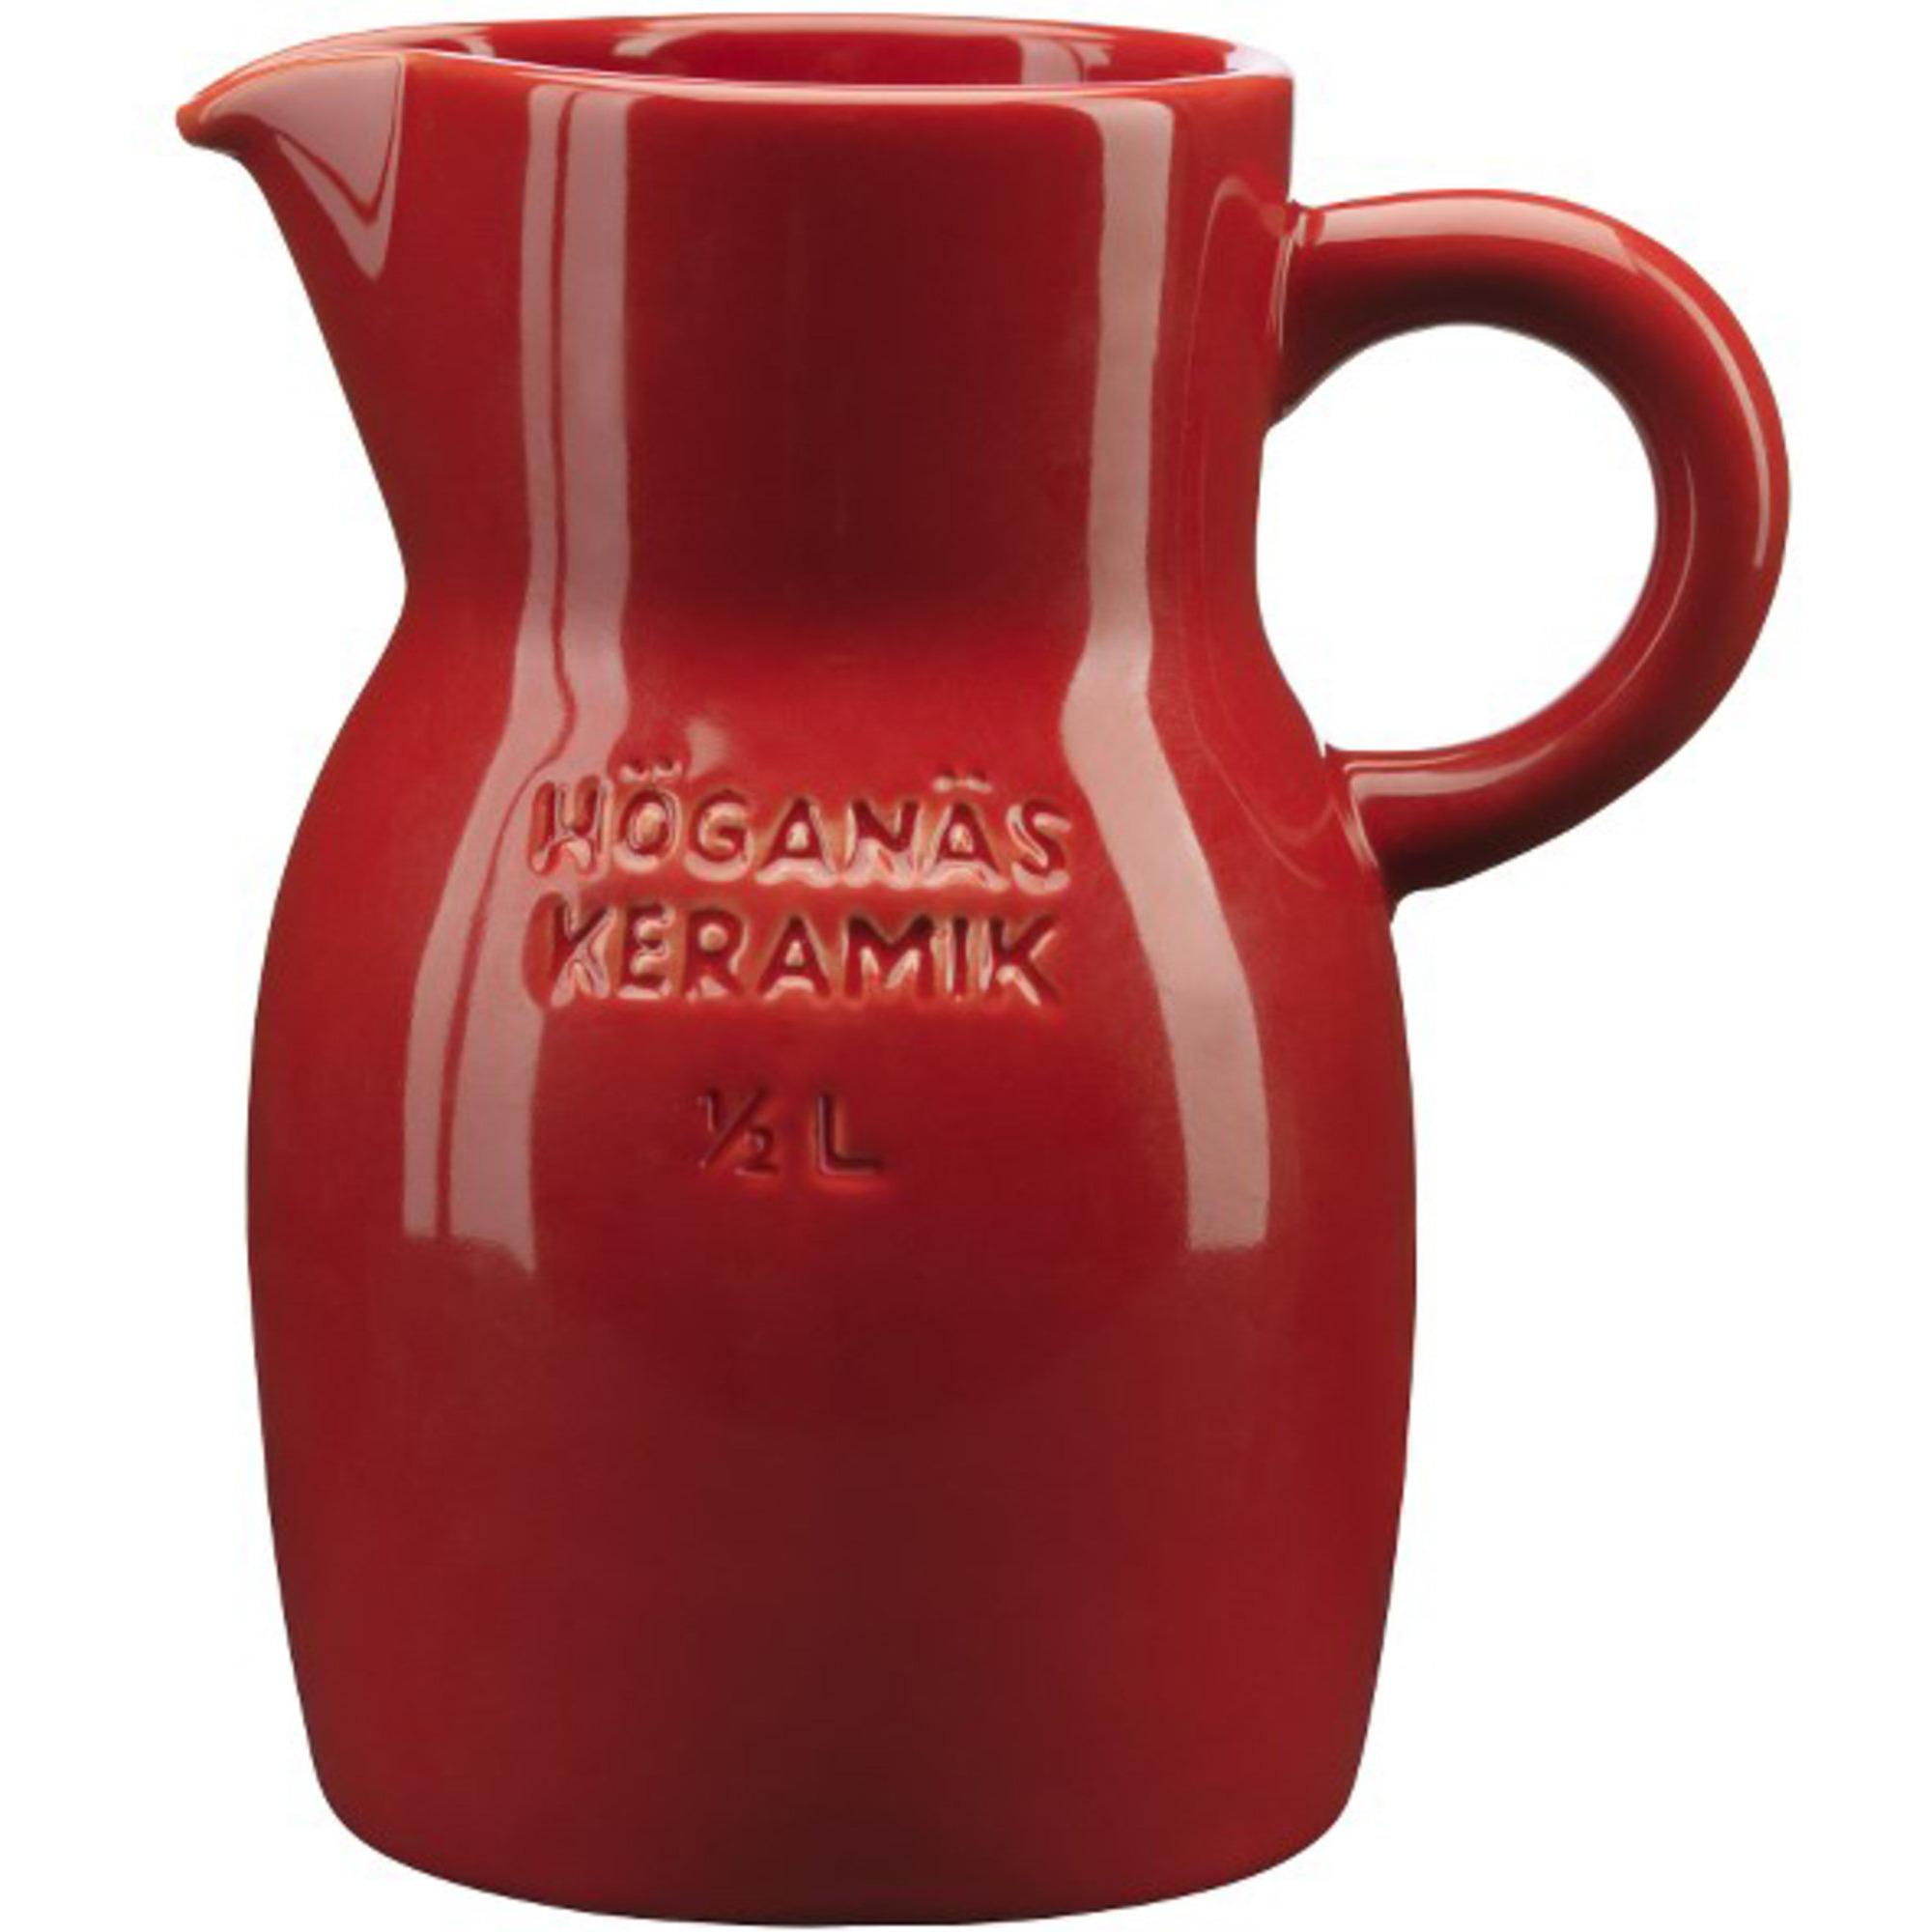 Höganäs Keramik Kanna 50 cl Äppelröd blank